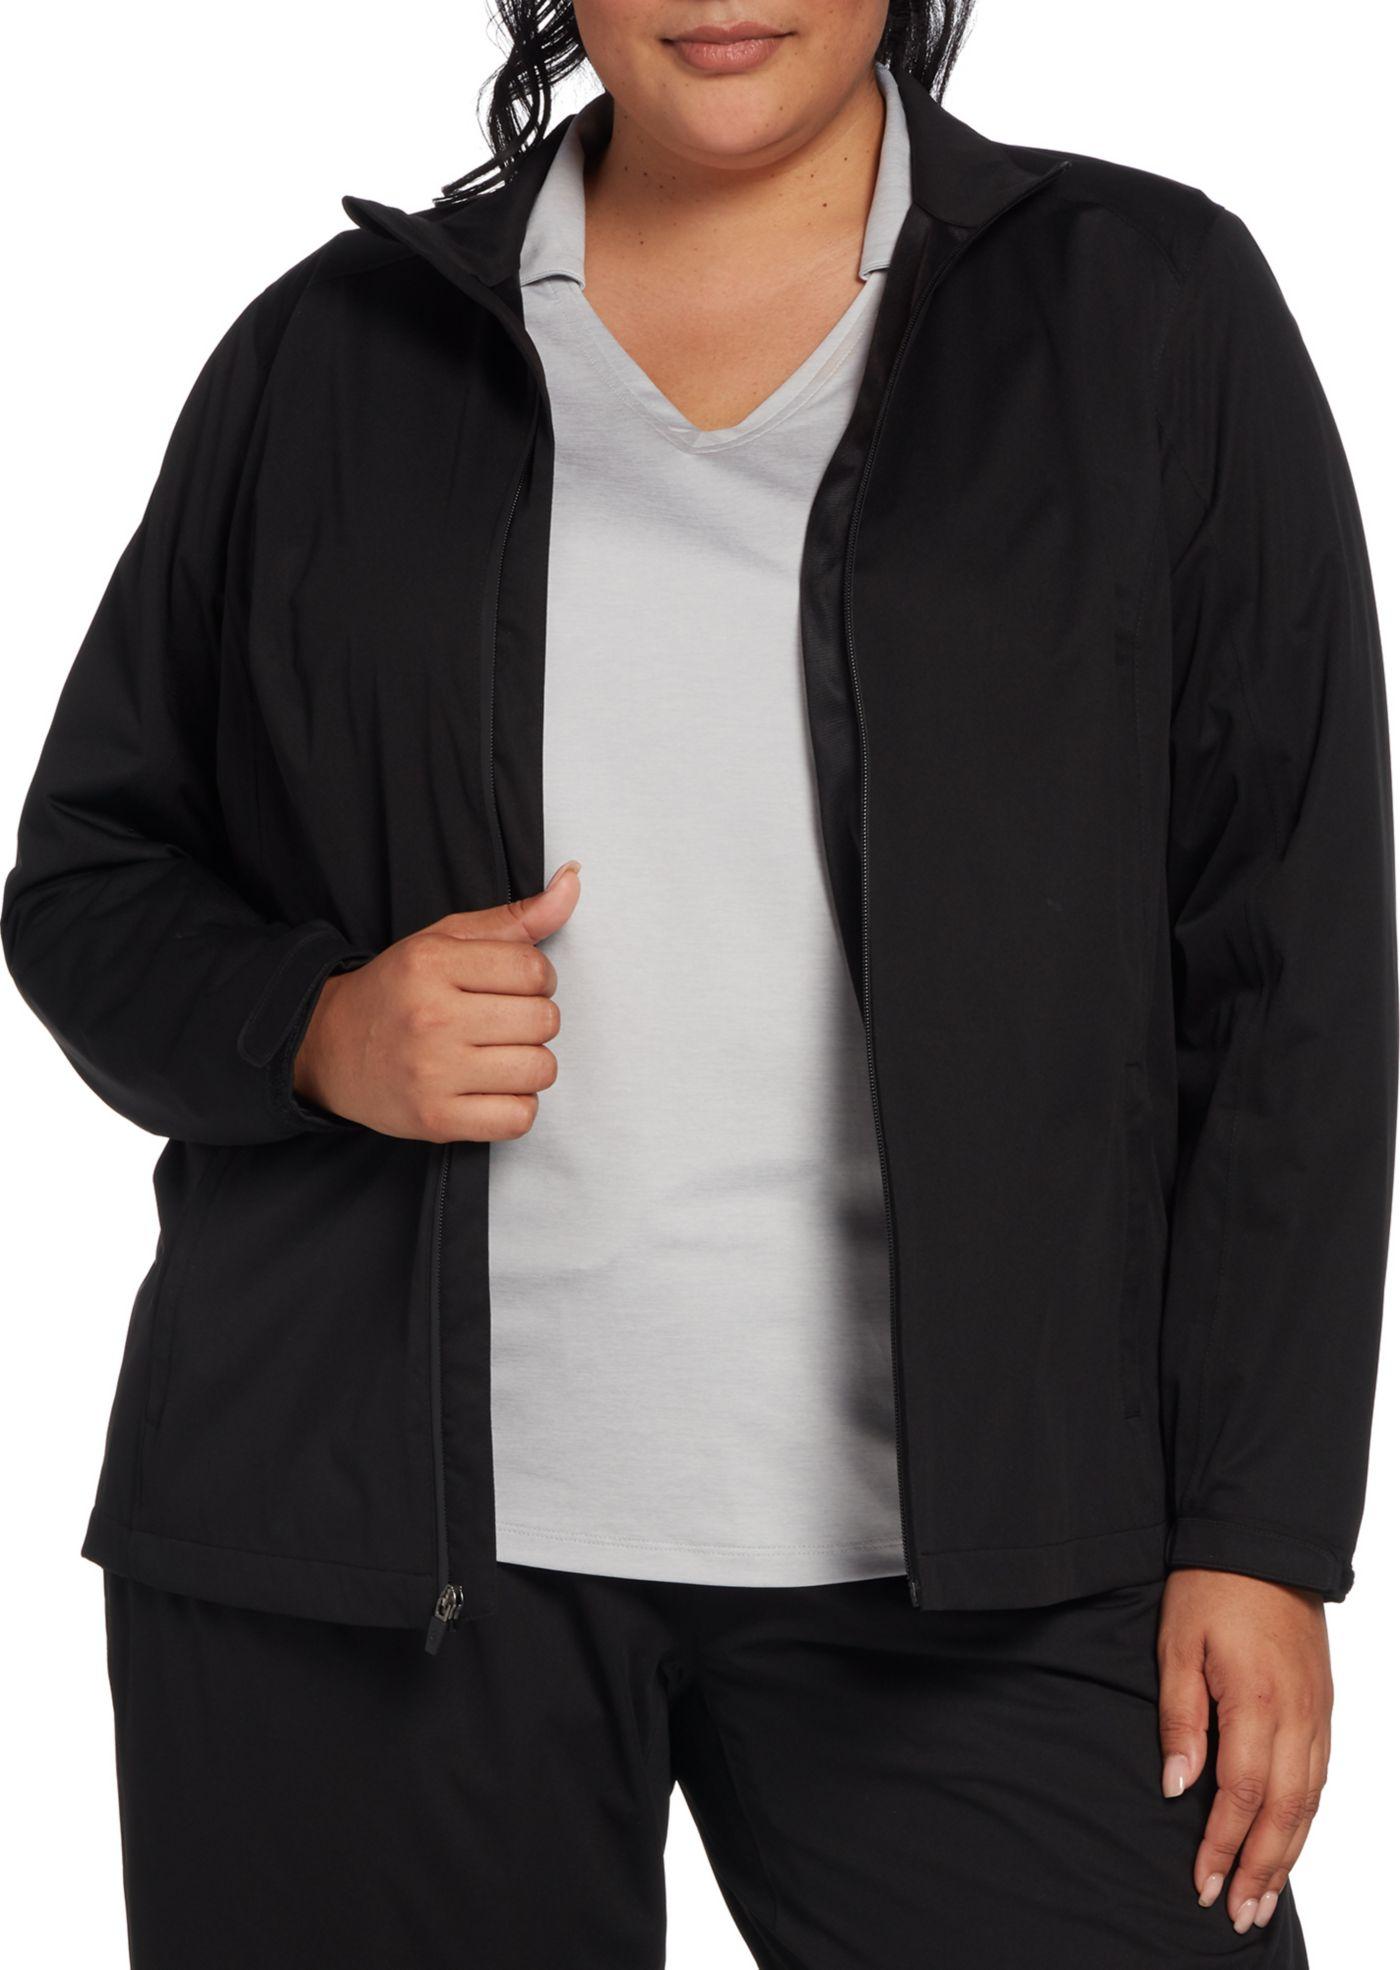 Lady Hagen Women's Best Golf Rain Jacket - Extended Sizes